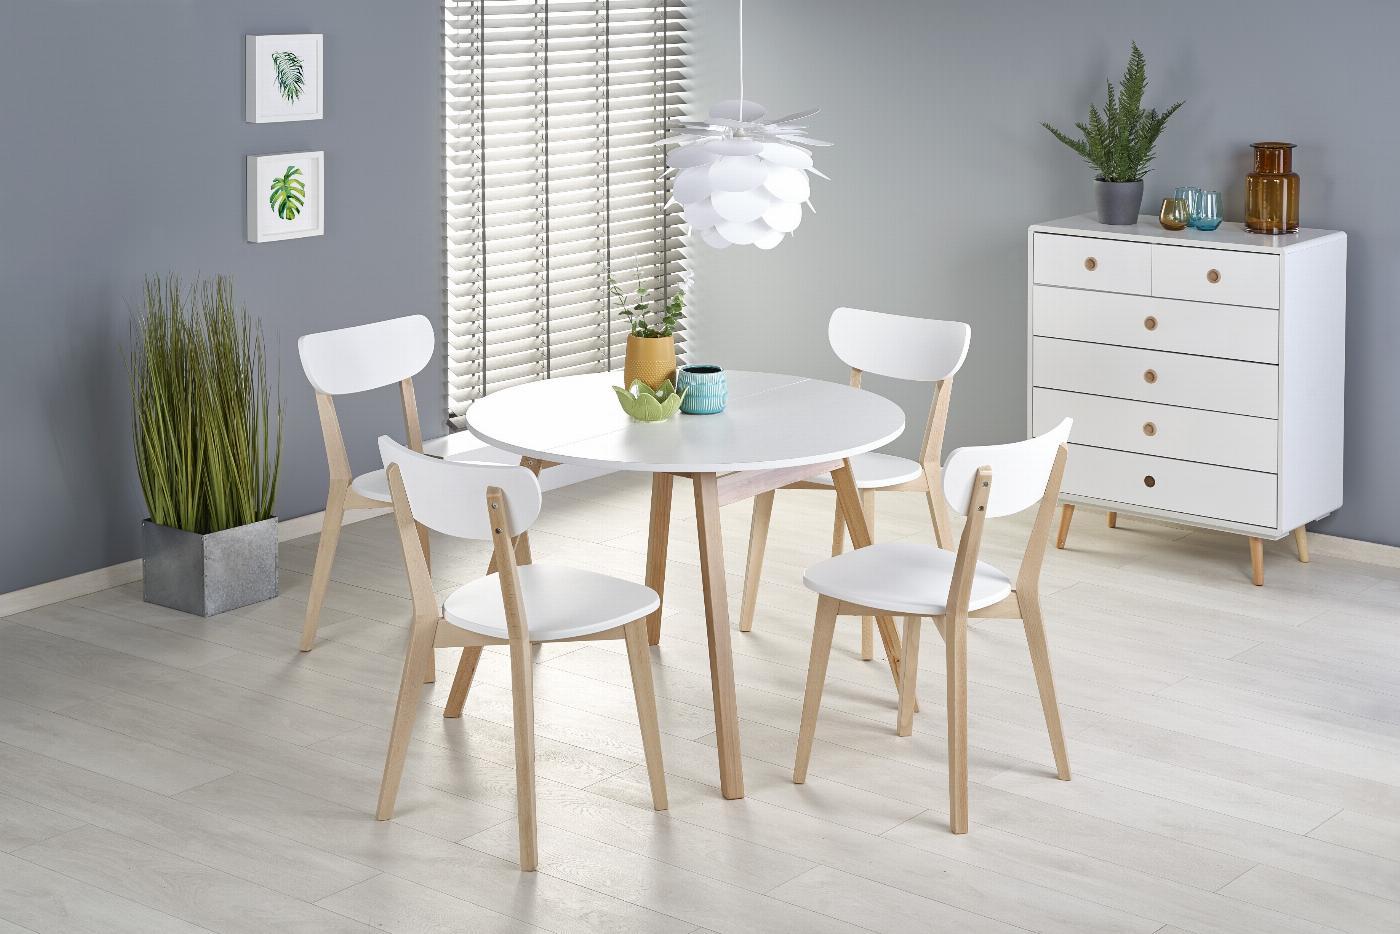 RUBEN stół kolor blat - biały, nogi - naturalny (102-142x102x75 cm) (2p=1szt)